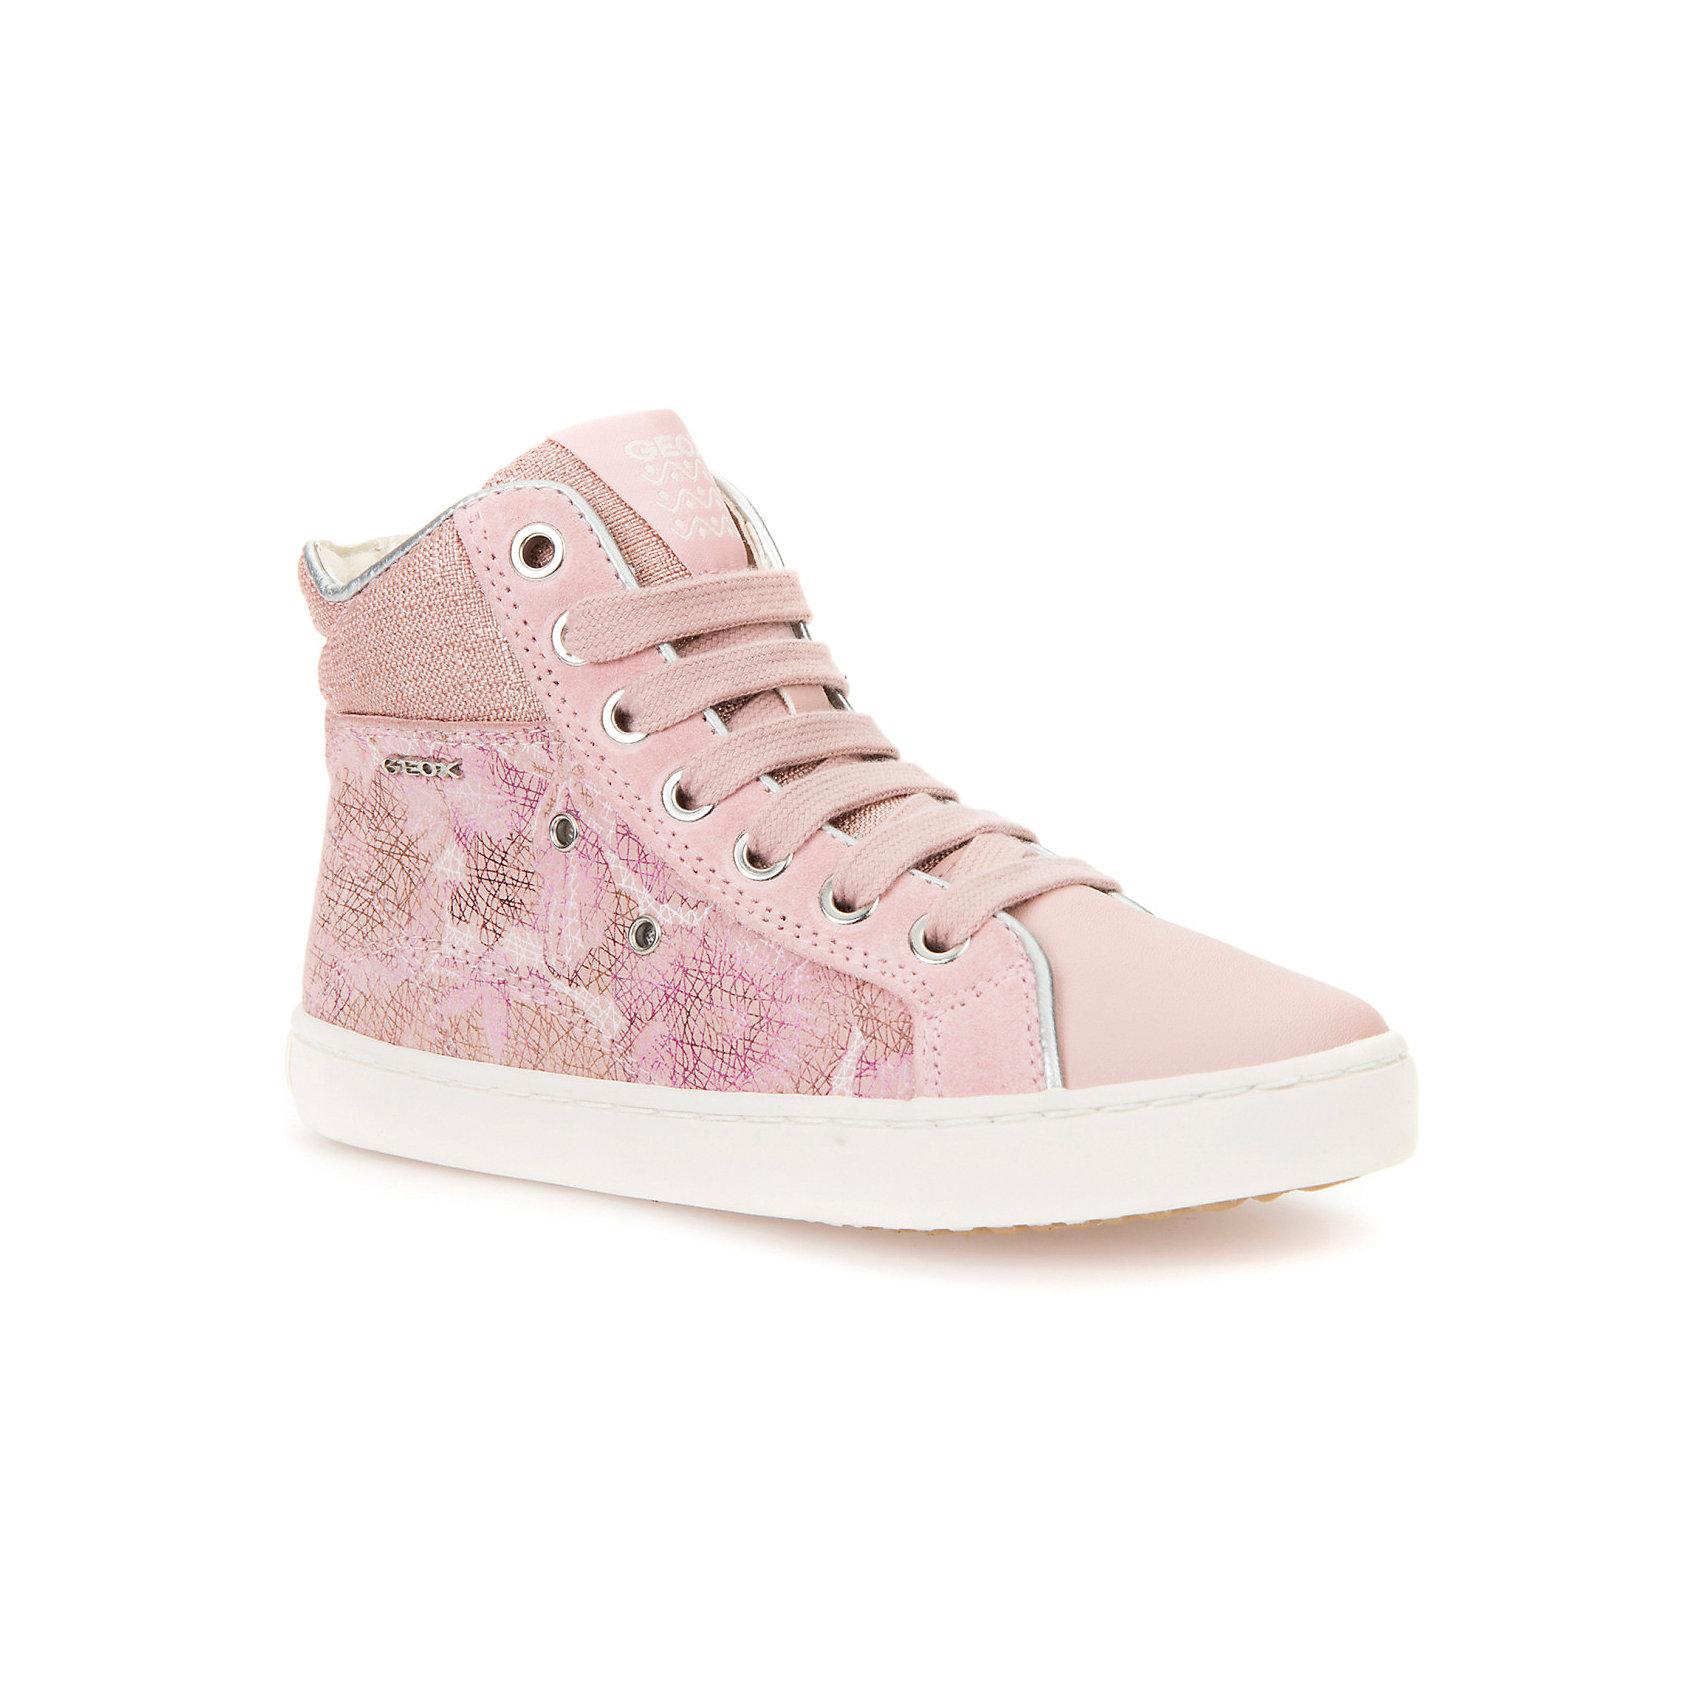 Кеды для девочки GEOXКеды<br>Характеристики товара:<br><br>• цвет: розовый<br>• внешний материал: 80% натуральная кожа, 20% текстиль<br>• внутренний материал: текстиль<br>• стелька: натуральная кожа<br>• подошва: резина<br>• застежка: шнуровка, молния<br>• комфортная посадка на ноге<br>• высота подошвы: 1 см.<br>• устойчивая подошва<br>• мембранная технология<br>• декорированы логотипом<br>• коллекция: весна-лето 2017<br>• страна бренда: Италия<br><br>Удобные симпатичные кеды помогут обеспечить ребенку комфорт и дополнить наряд. Универсальный цвет позволяет надевать их под одежду разных расцветок. Кеды удобно сидят на ноге и красиво смотрятся. Отличный вариант для прохладной погоды!<br><br>Обувь от бренда GEOX - это классический пример итальянского стиля и высокого качества, известных по всему миру. Модели этой марки - неизменно модные и комфортные. Для их производства используются только безопасные, качественные материалы и фурнитура. Отличие этой линейки обуви - мембранная технология, которая обеспечивает естественное дыхание обуви и в то же время не пропускает воду. Это особенно важно для детской обуви!<br><br>Кеды от итальянского бренда GEOX (ГЕОКС) можно купить в нашем интернет-магазине.<br><br>Ширина мм: 262<br>Глубина мм: 176<br>Высота мм: 97<br>Вес г: 427<br>Цвет: розовый<br>Возраст от месяцев: 120<br>Возраст до месяцев: 132<br>Пол: Женский<br>Возраст: Детский<br>Размер: 26,27,28,29,30,34,31,32,33<br>SKU: 5335679